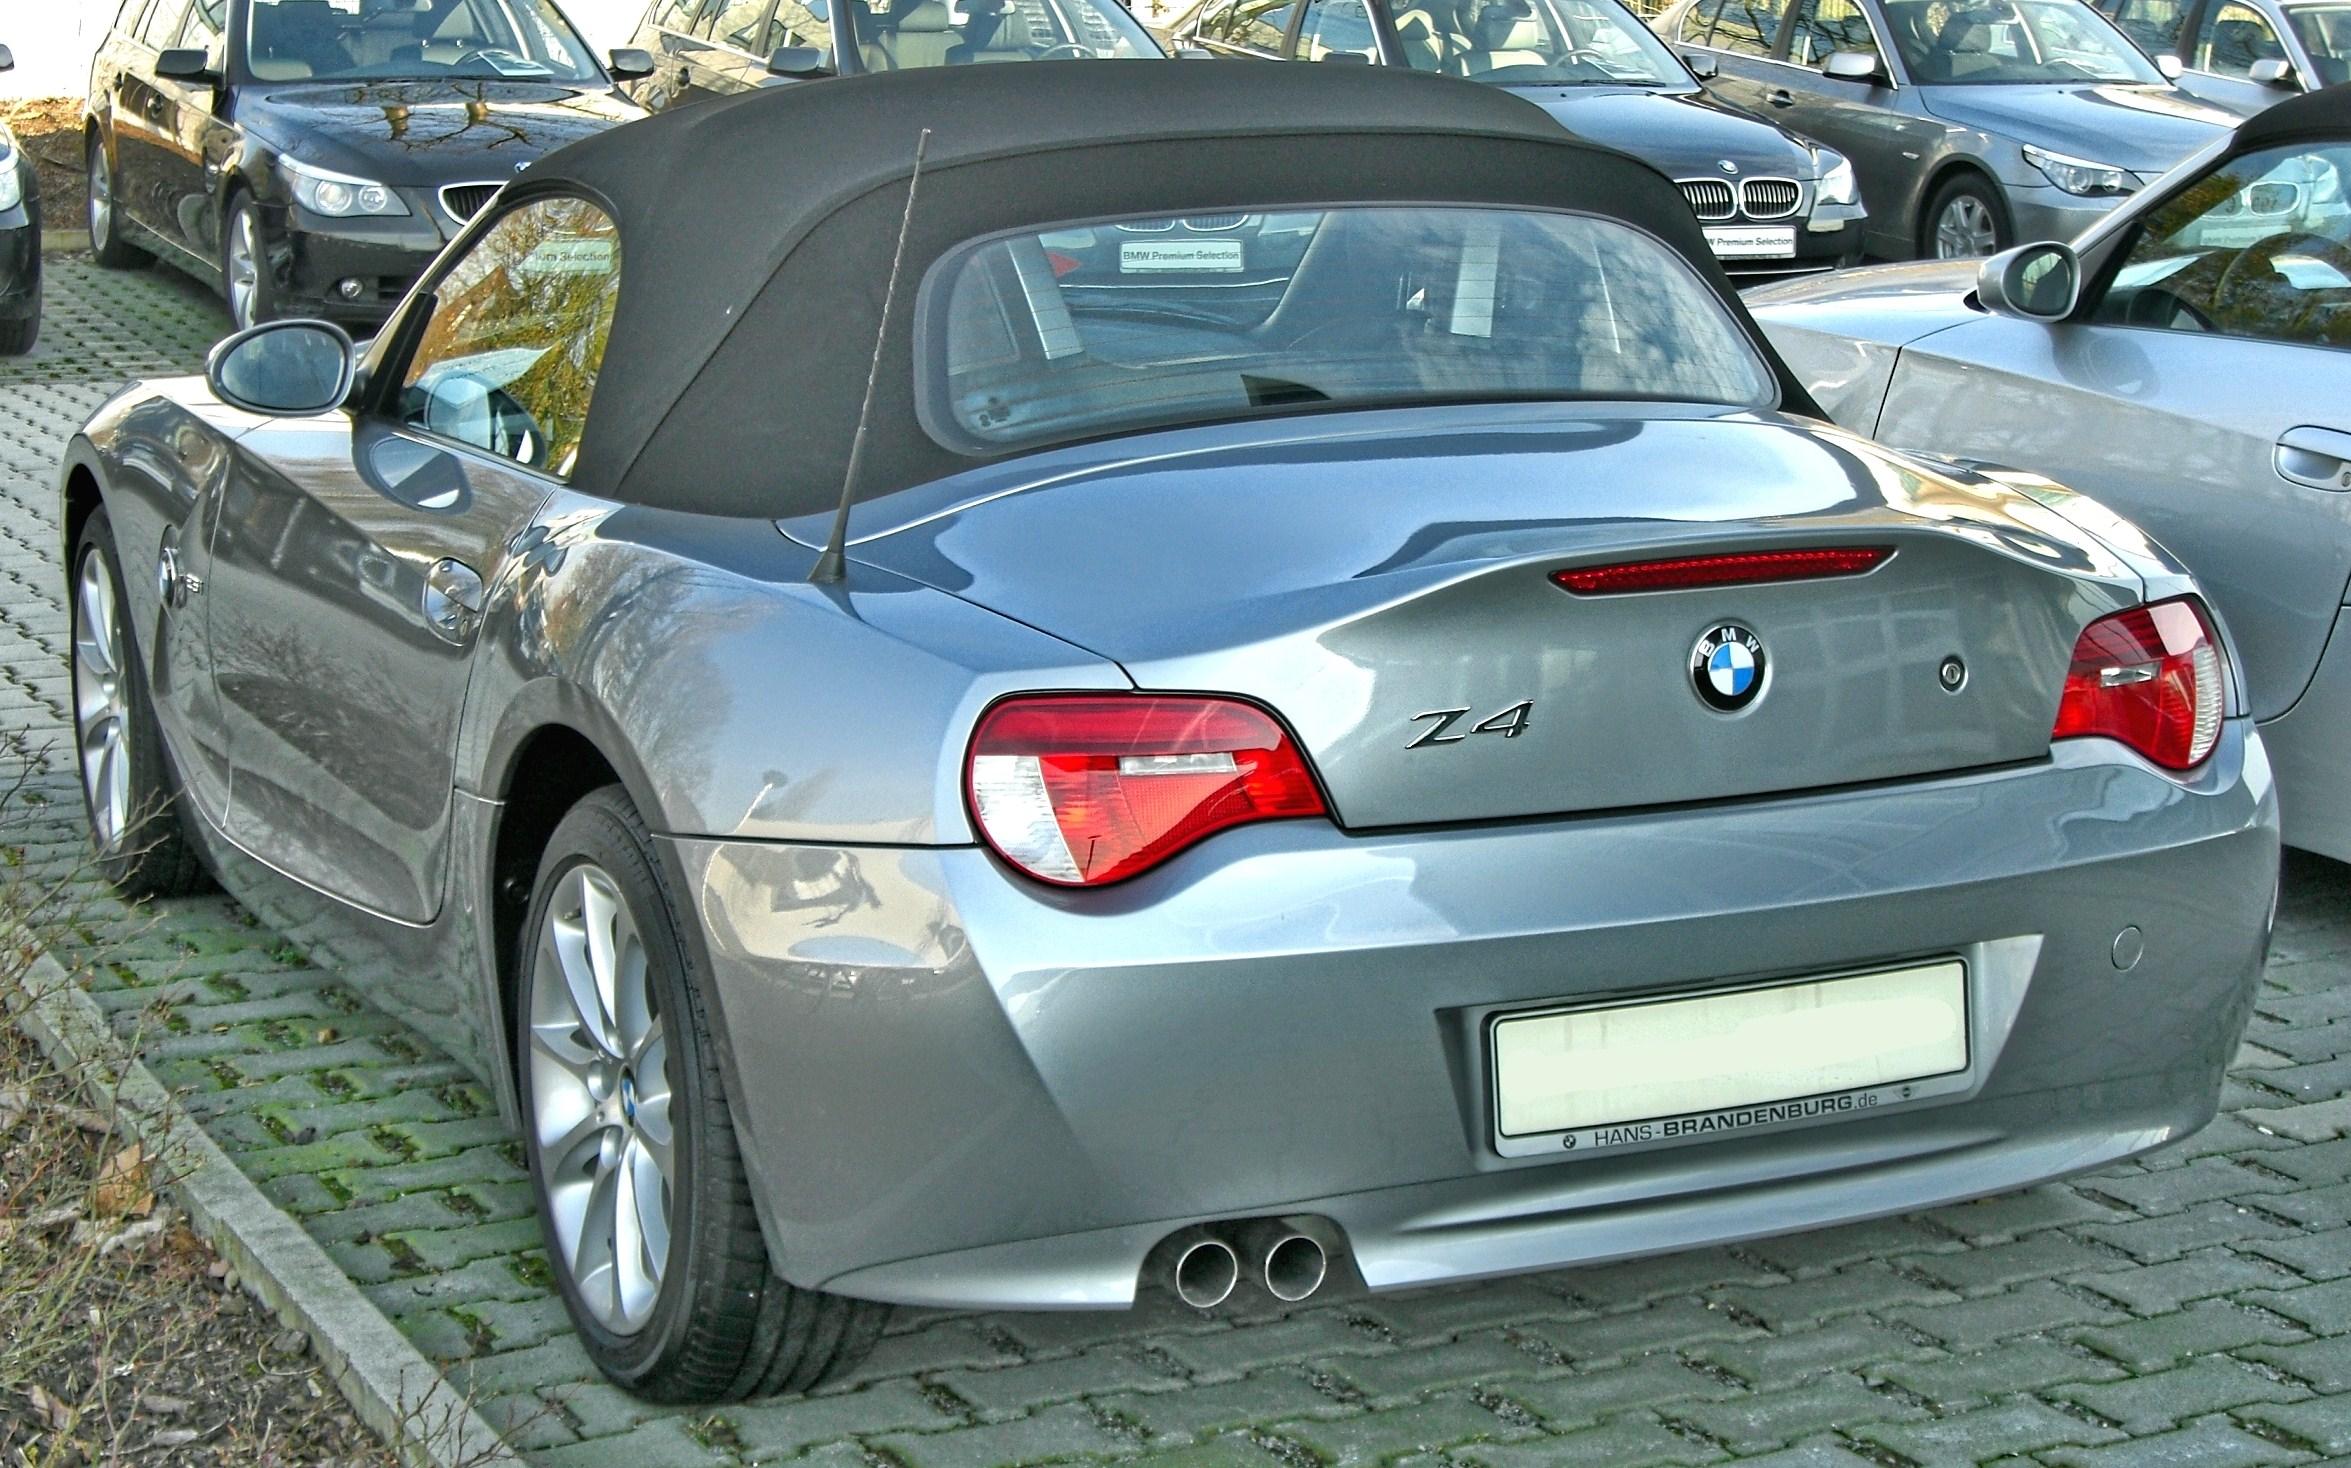 File:BMW Z4 Facelift 20090321 rear-1.jpg - Wikimedia Commons